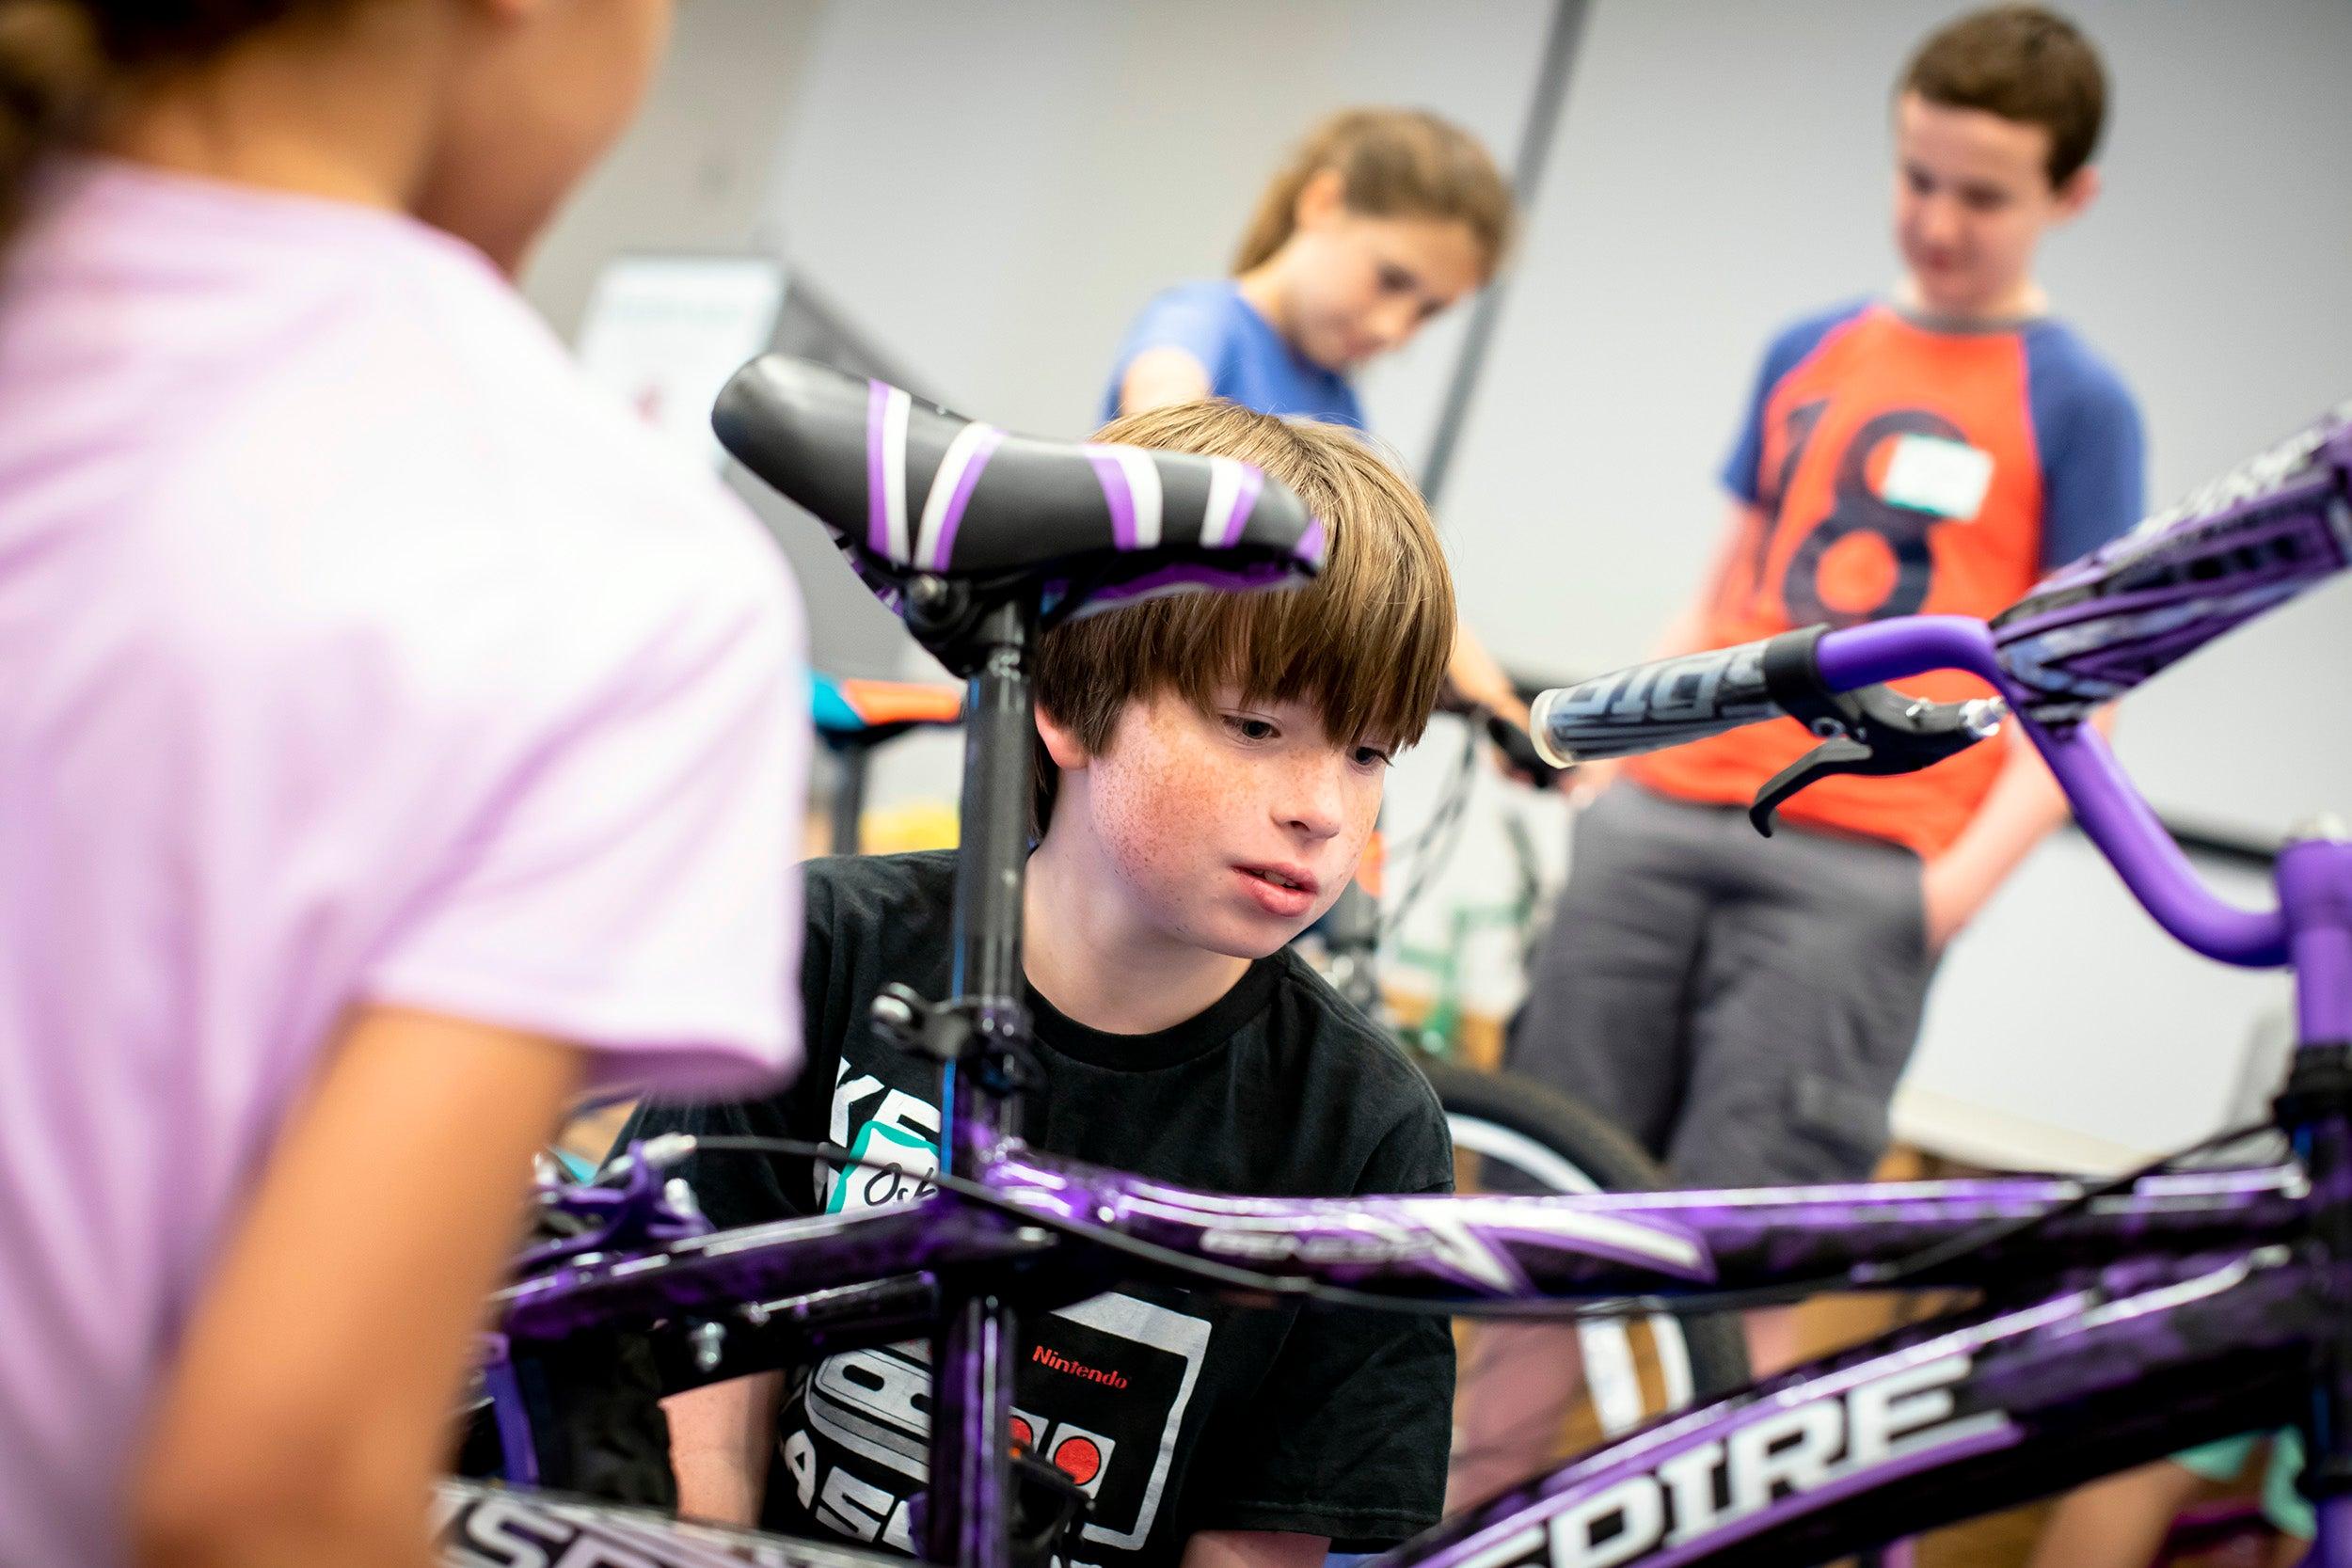 Oskar Monahan repairs a bicycle.